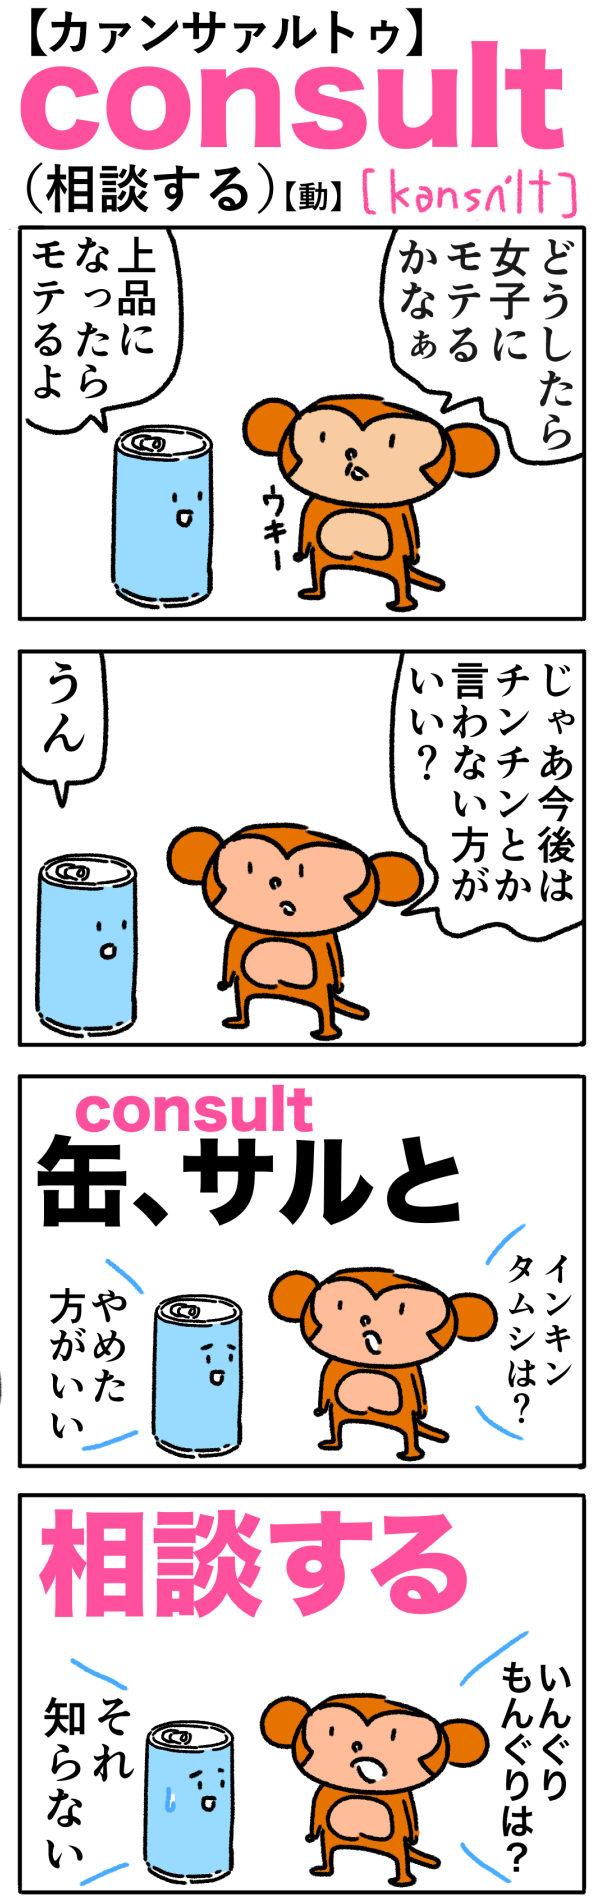 consult(相談する)の語呂合わせ英単語